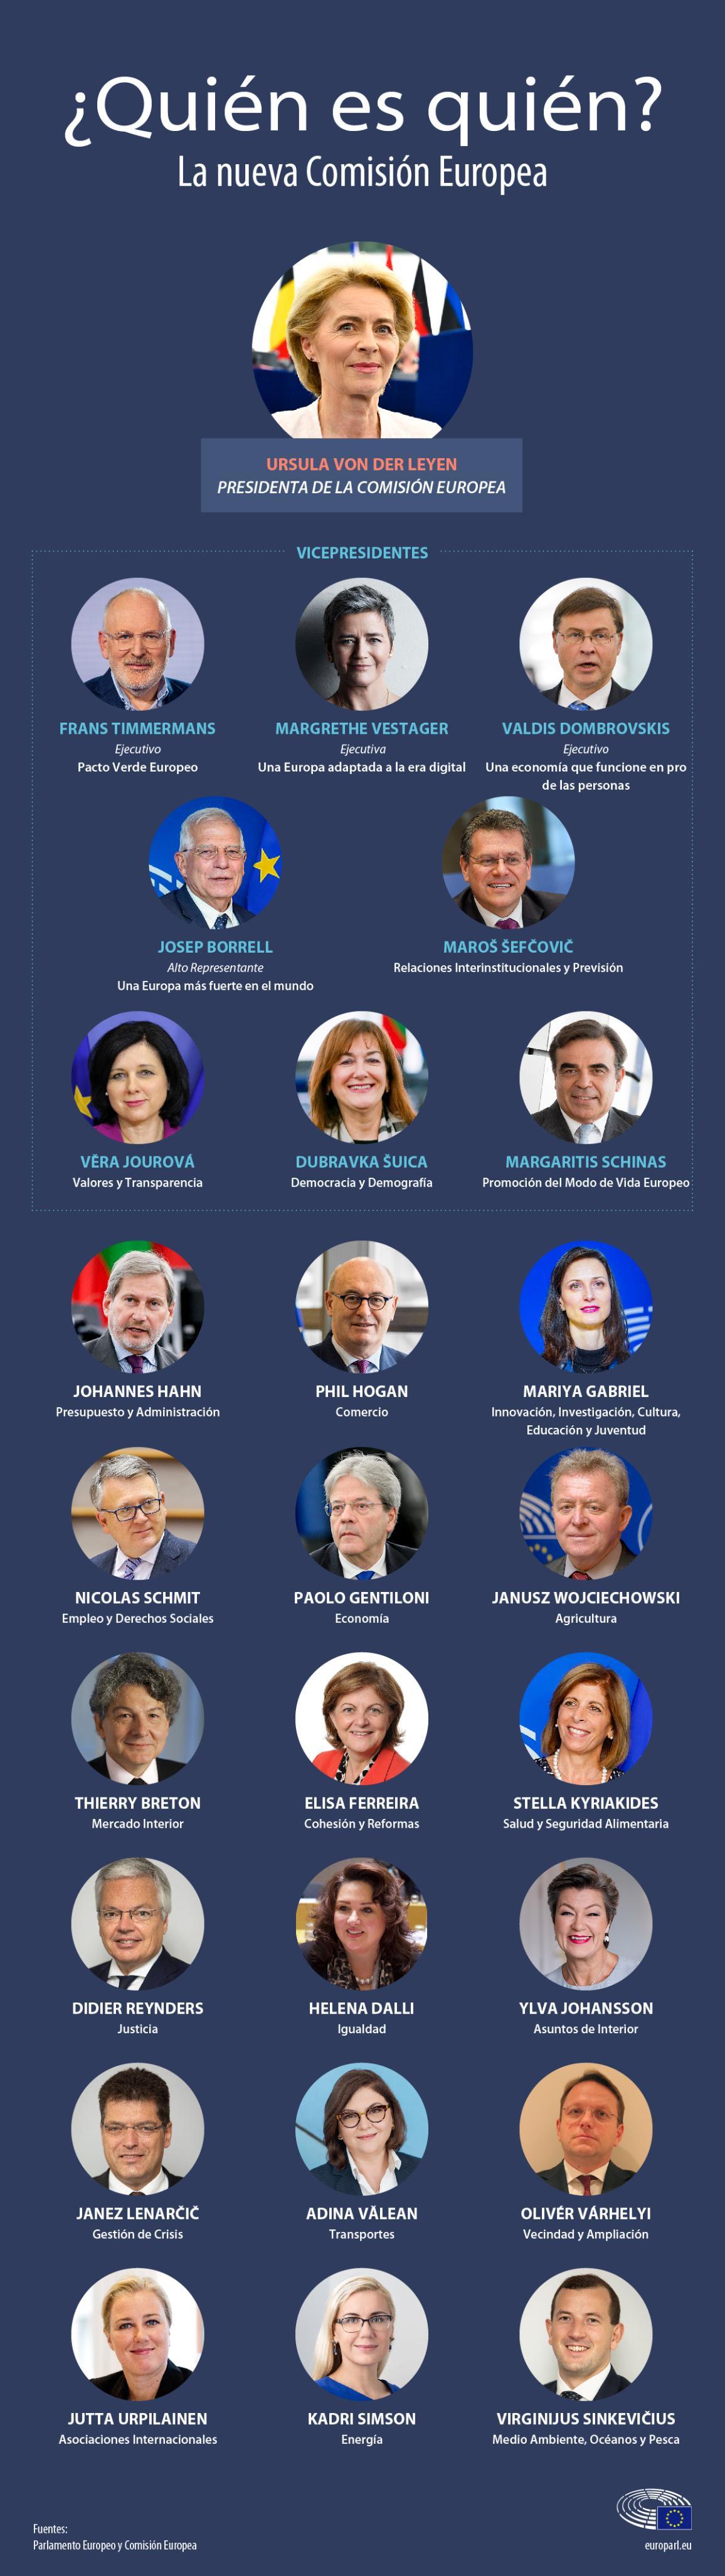 La nueva Comisión Europea